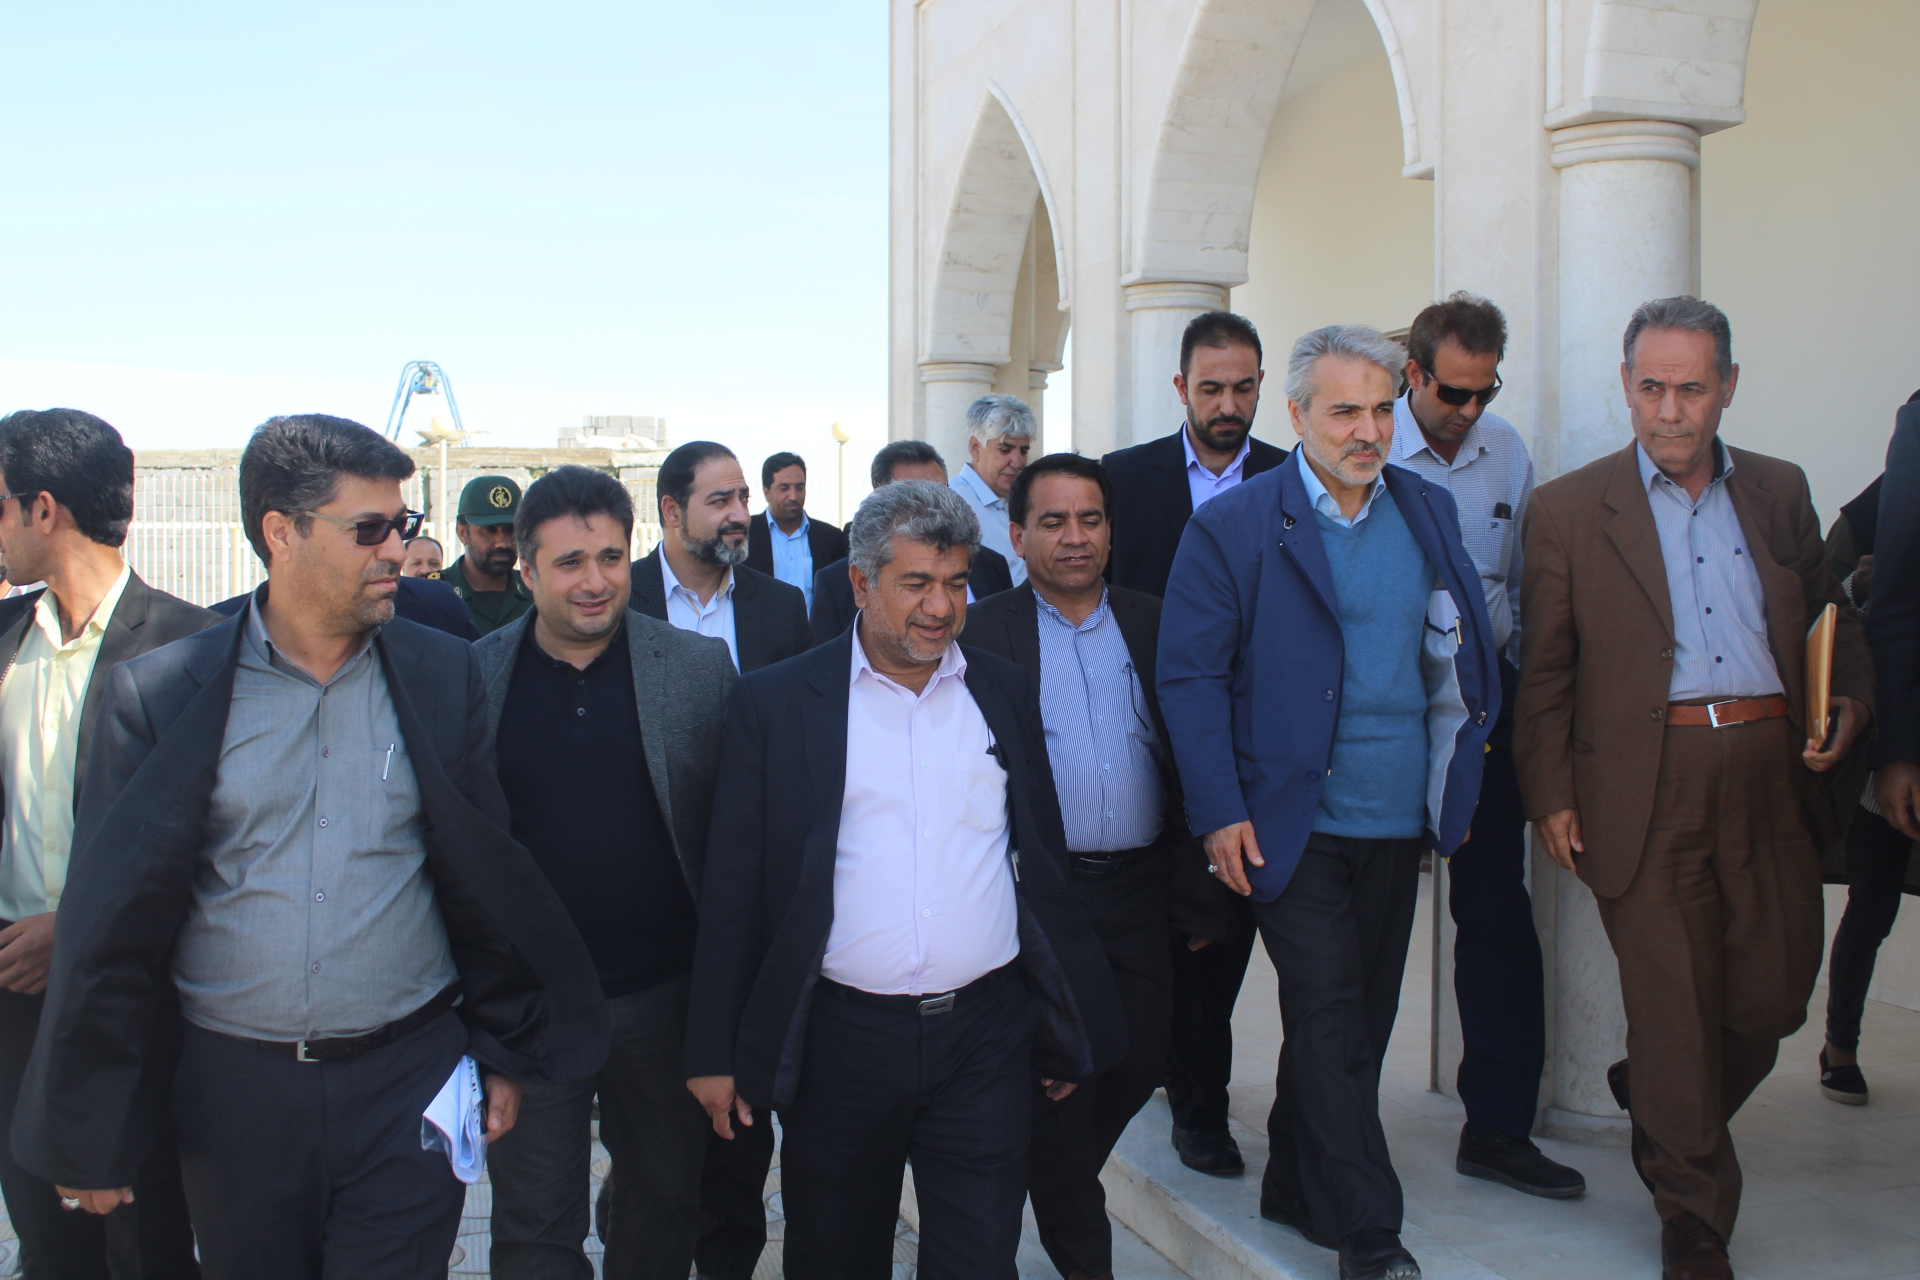 دکتراحمد حمزه:اعتبارات ملی و استانی با عدالت توزیع شود